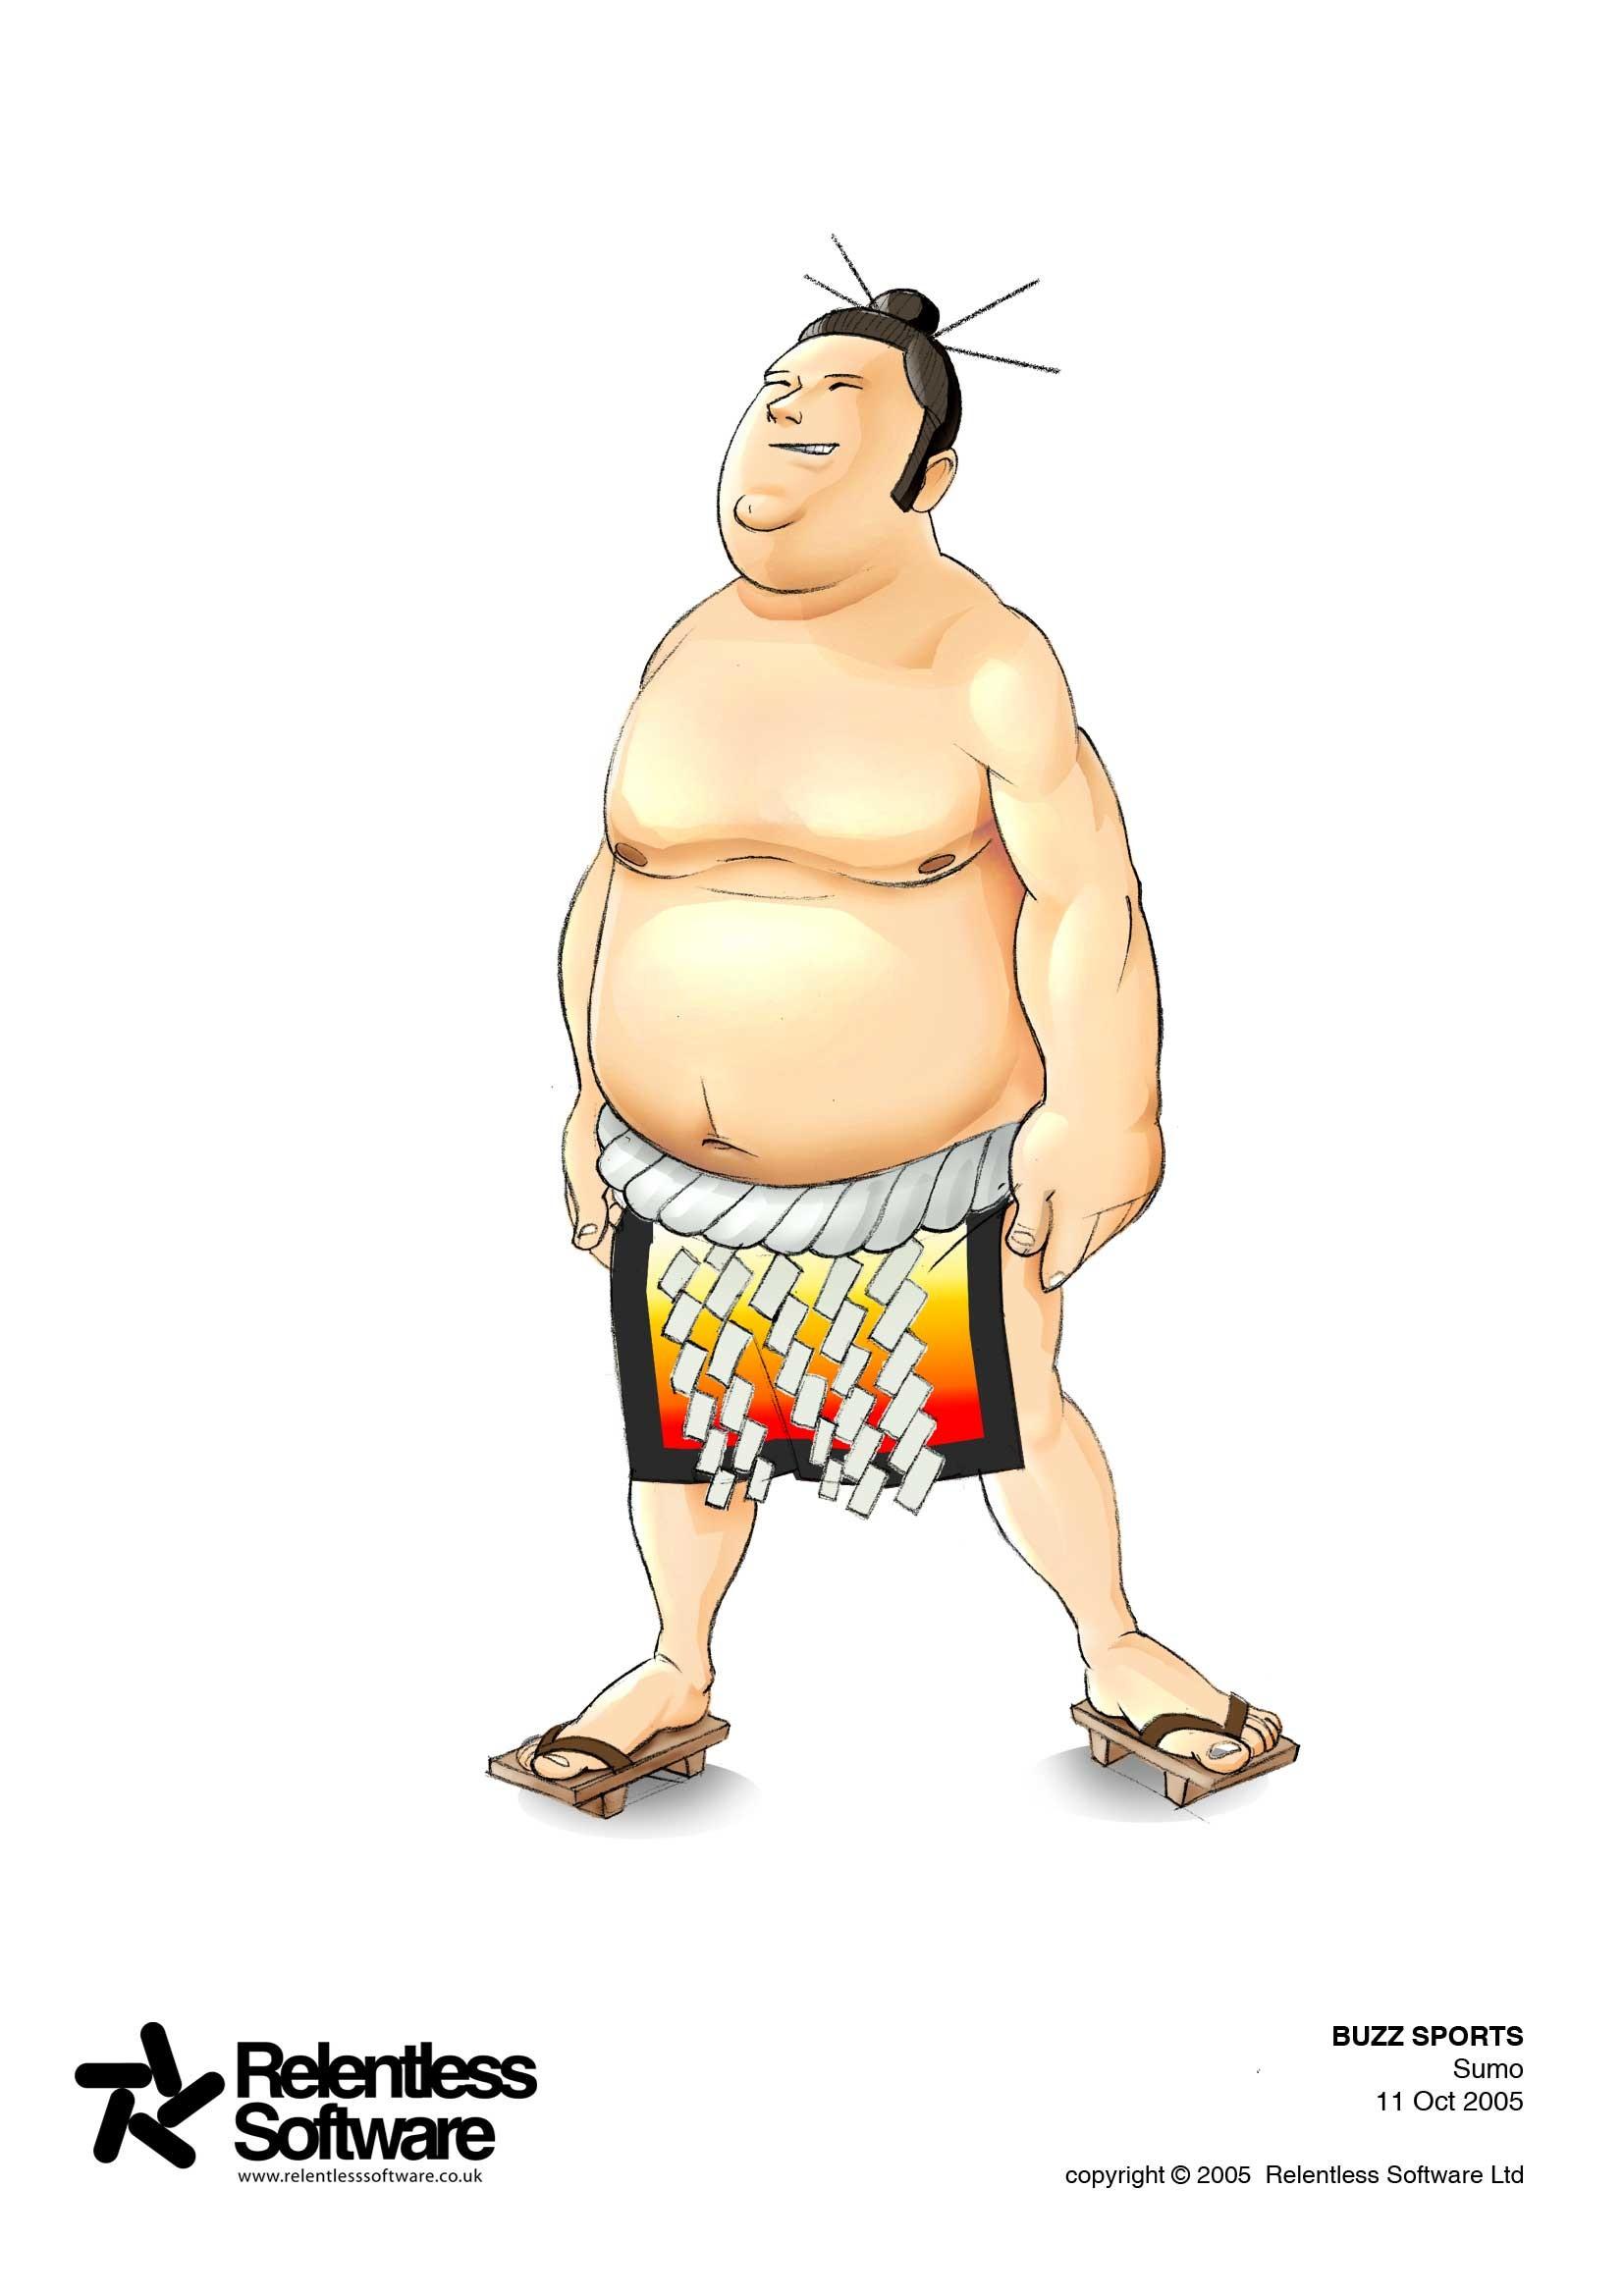 Colin morrison bzs sumo